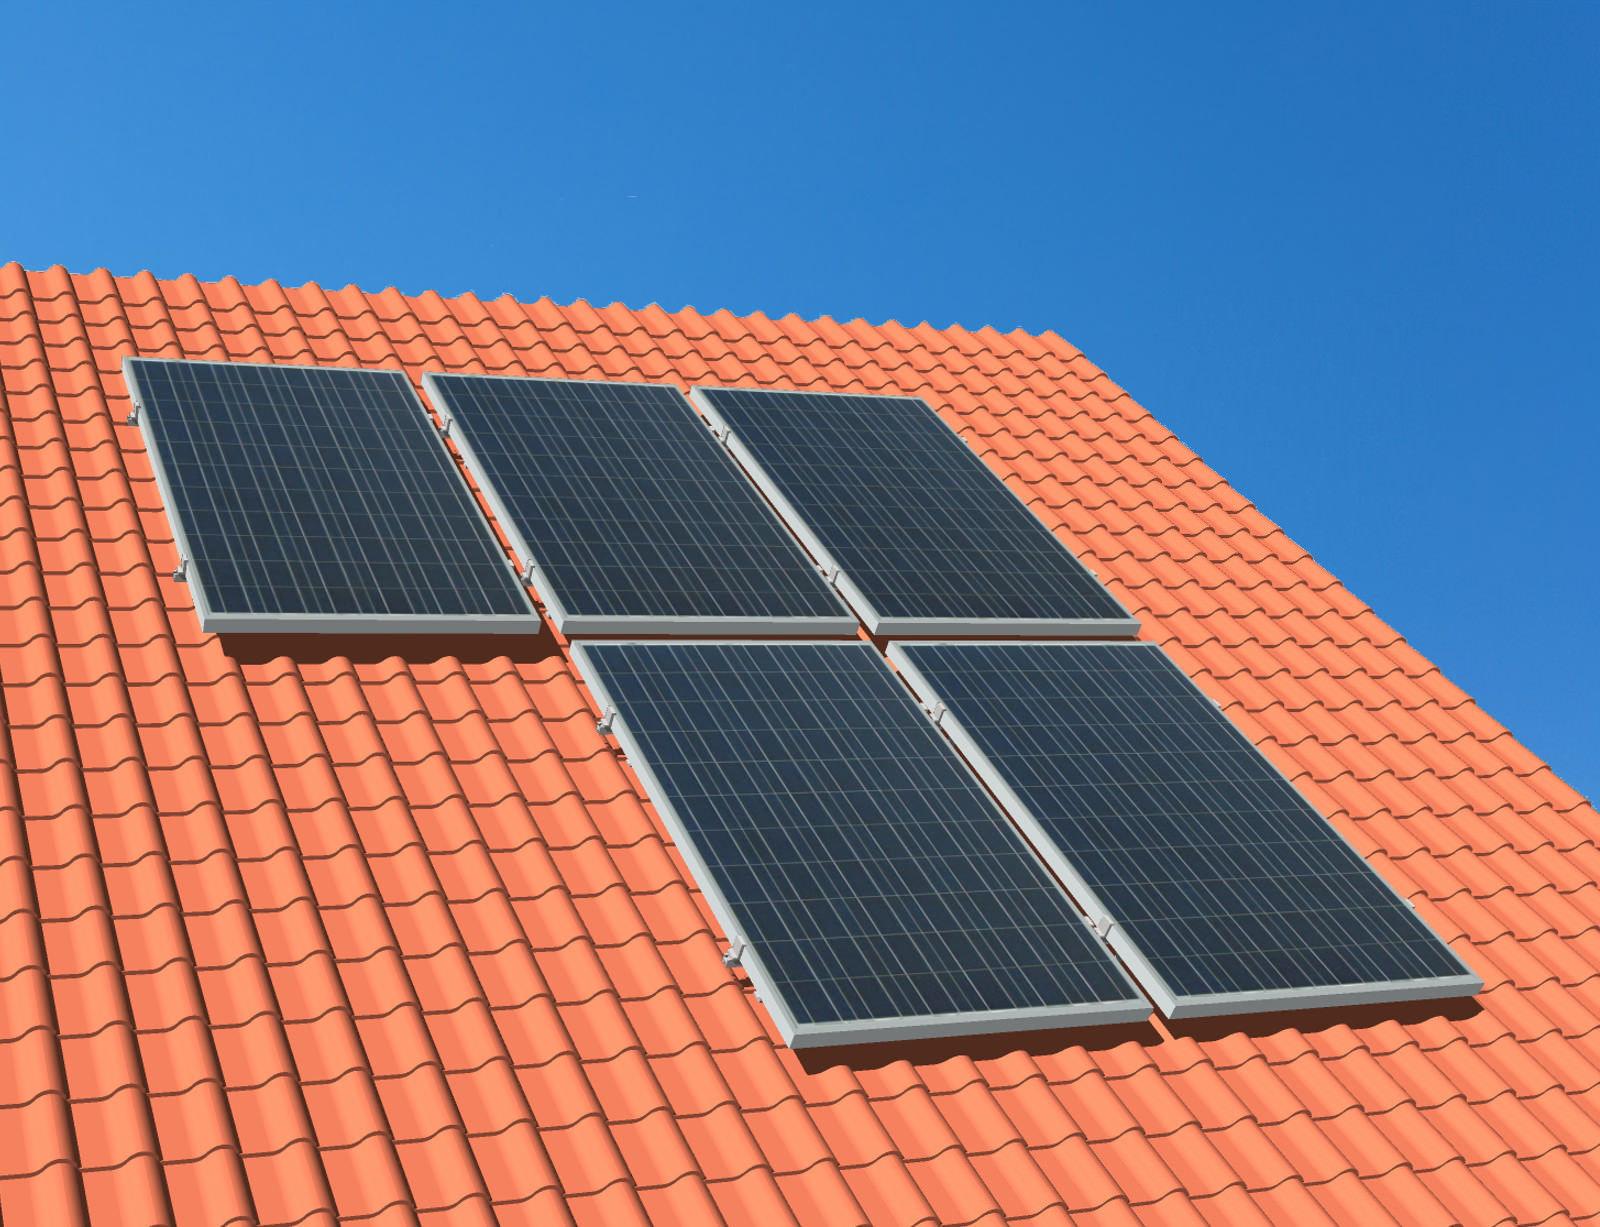 myCleantechSolarPower™ Solaranalage Schrägdach mit 5 Pannels - Musterbild